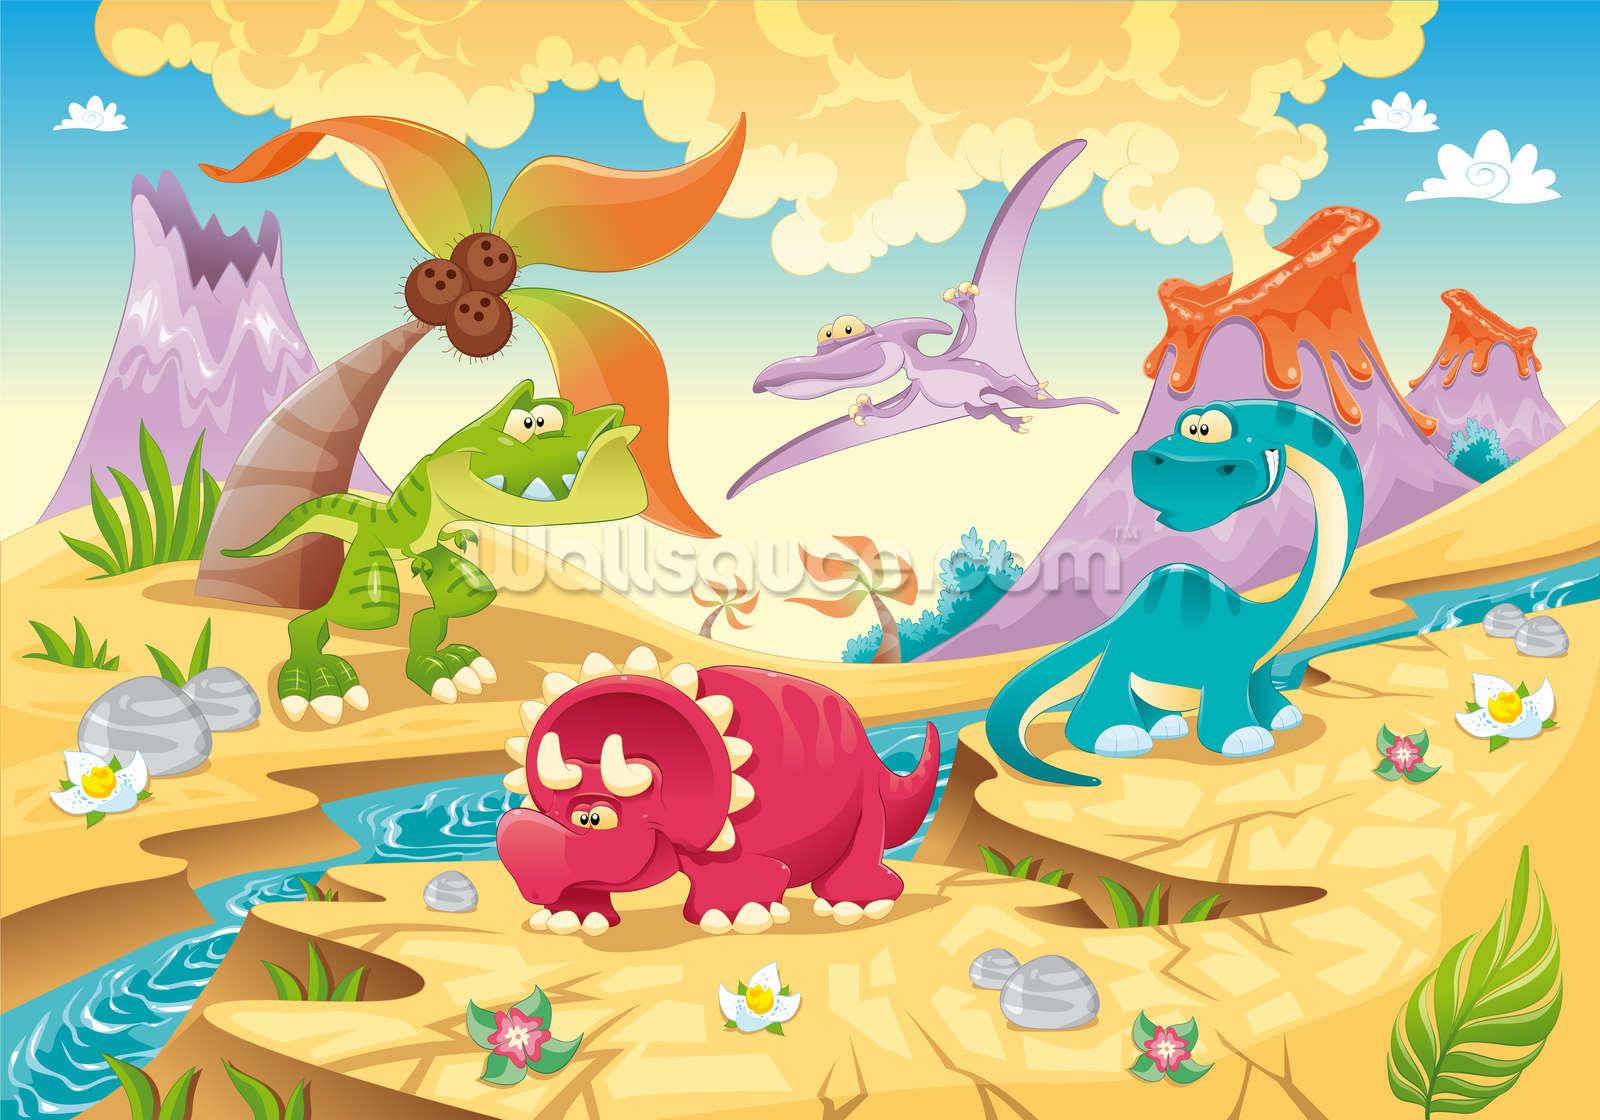 dinosaurs cartoon wallpaper wall mural wallsauce usa childrens wallpaper cartoon rainbow wall mural